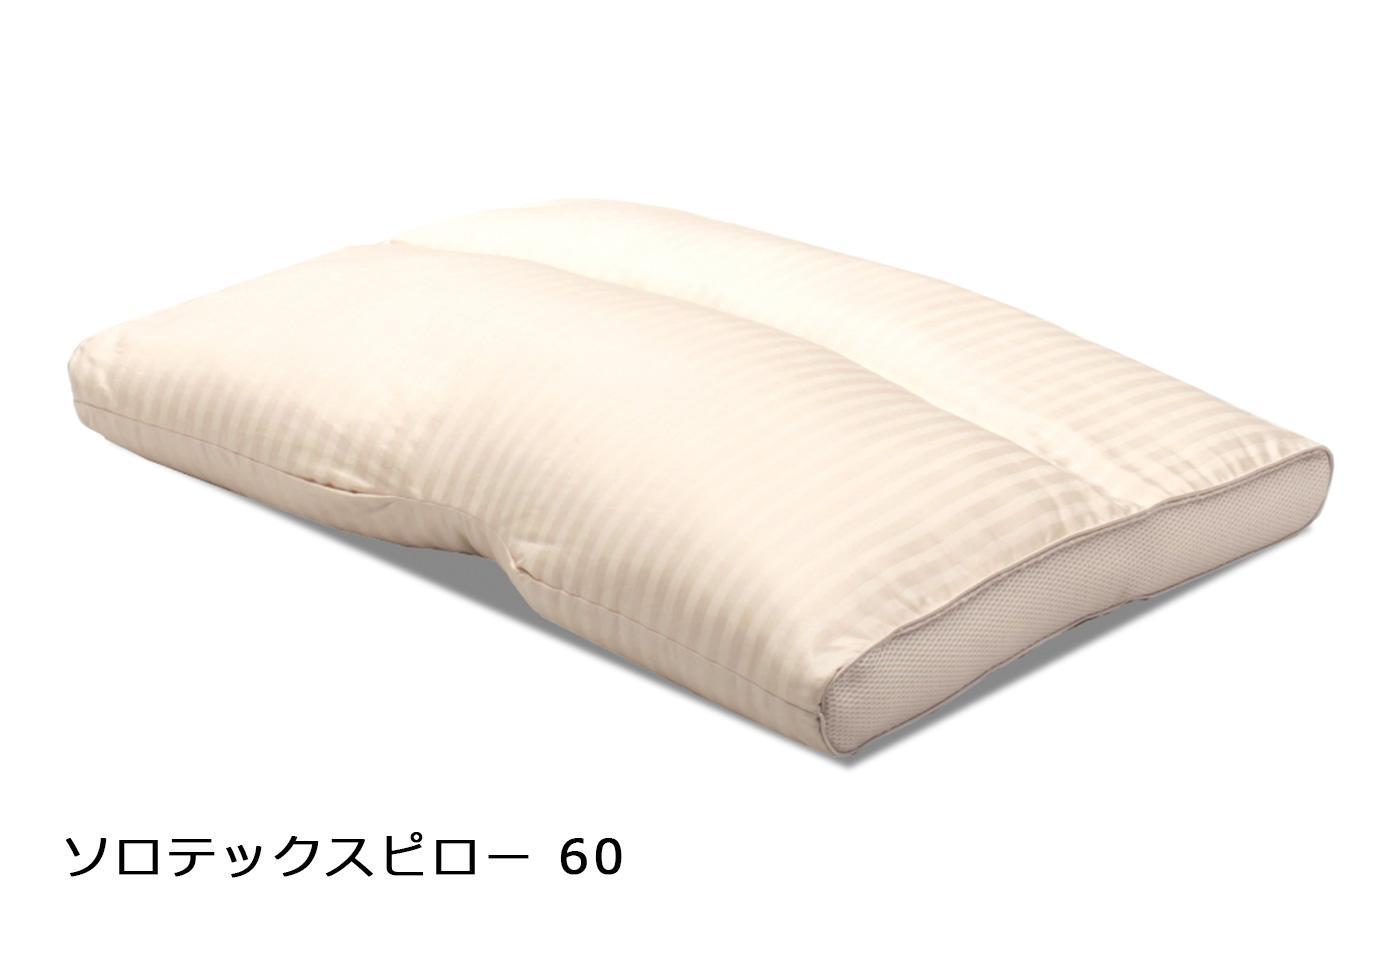 【送料無料】 シーリー 枕 ピロー ソロテックスピロー60 シーリーラテックスピロー シーリージャパン 寝具